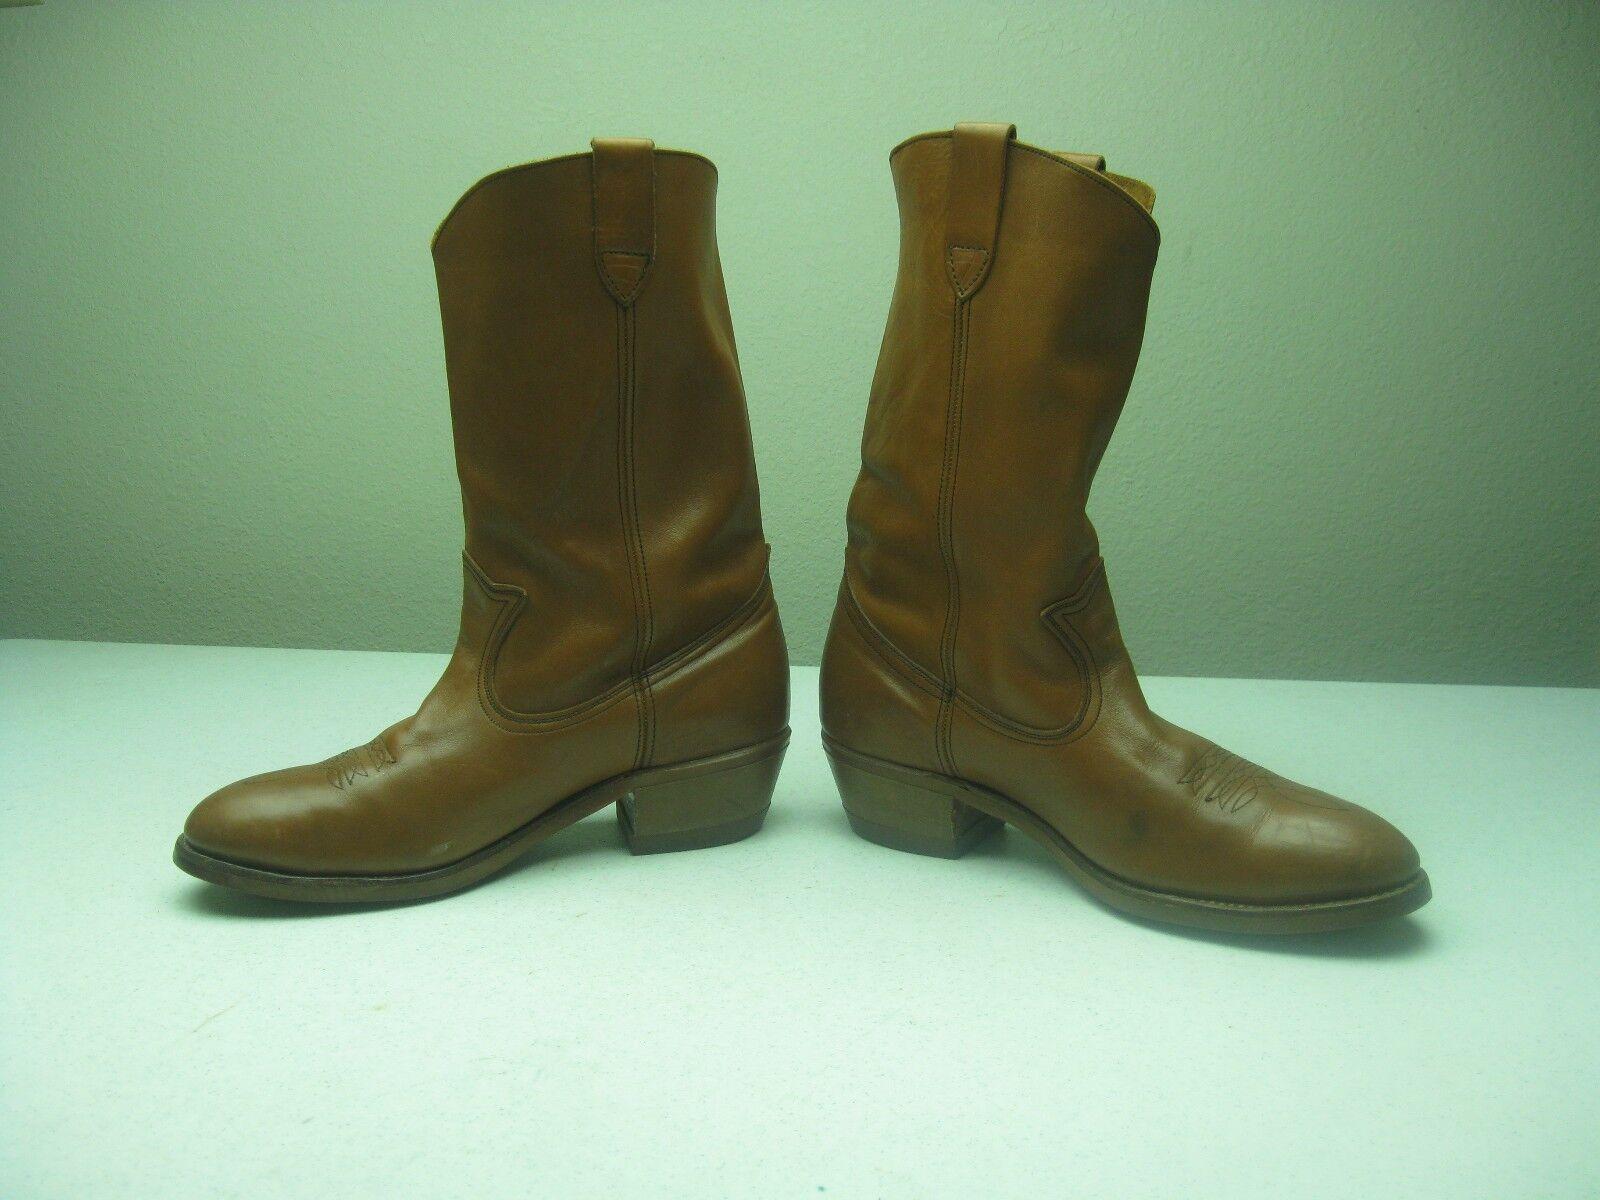 Vintage Hecho En Usa Marrón Western Cowboy Hard Hard Hard Toe Tup Goma solework Arranque Tamaño 10e f24a71